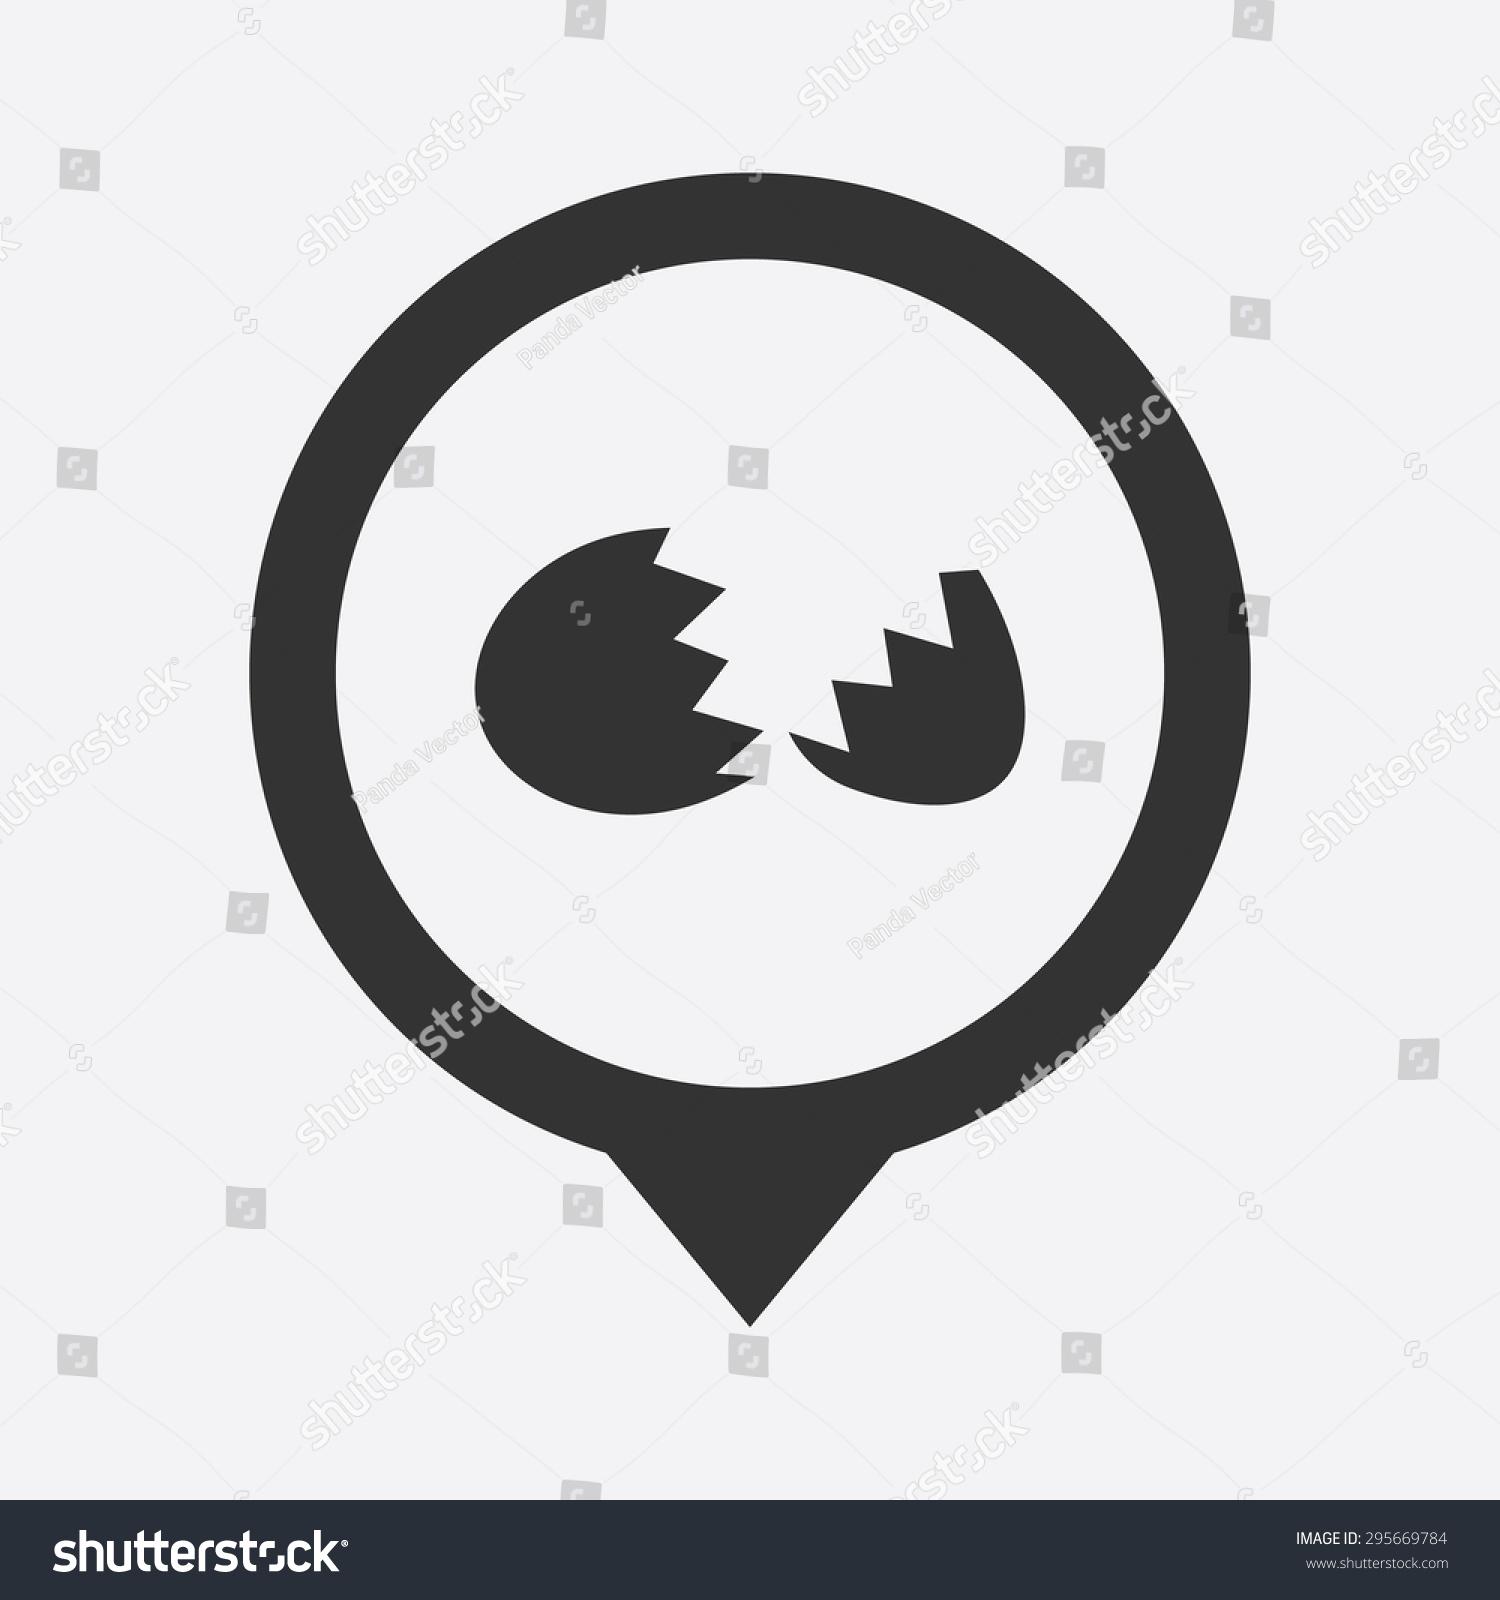 矢量图的食物图标-符号/标志